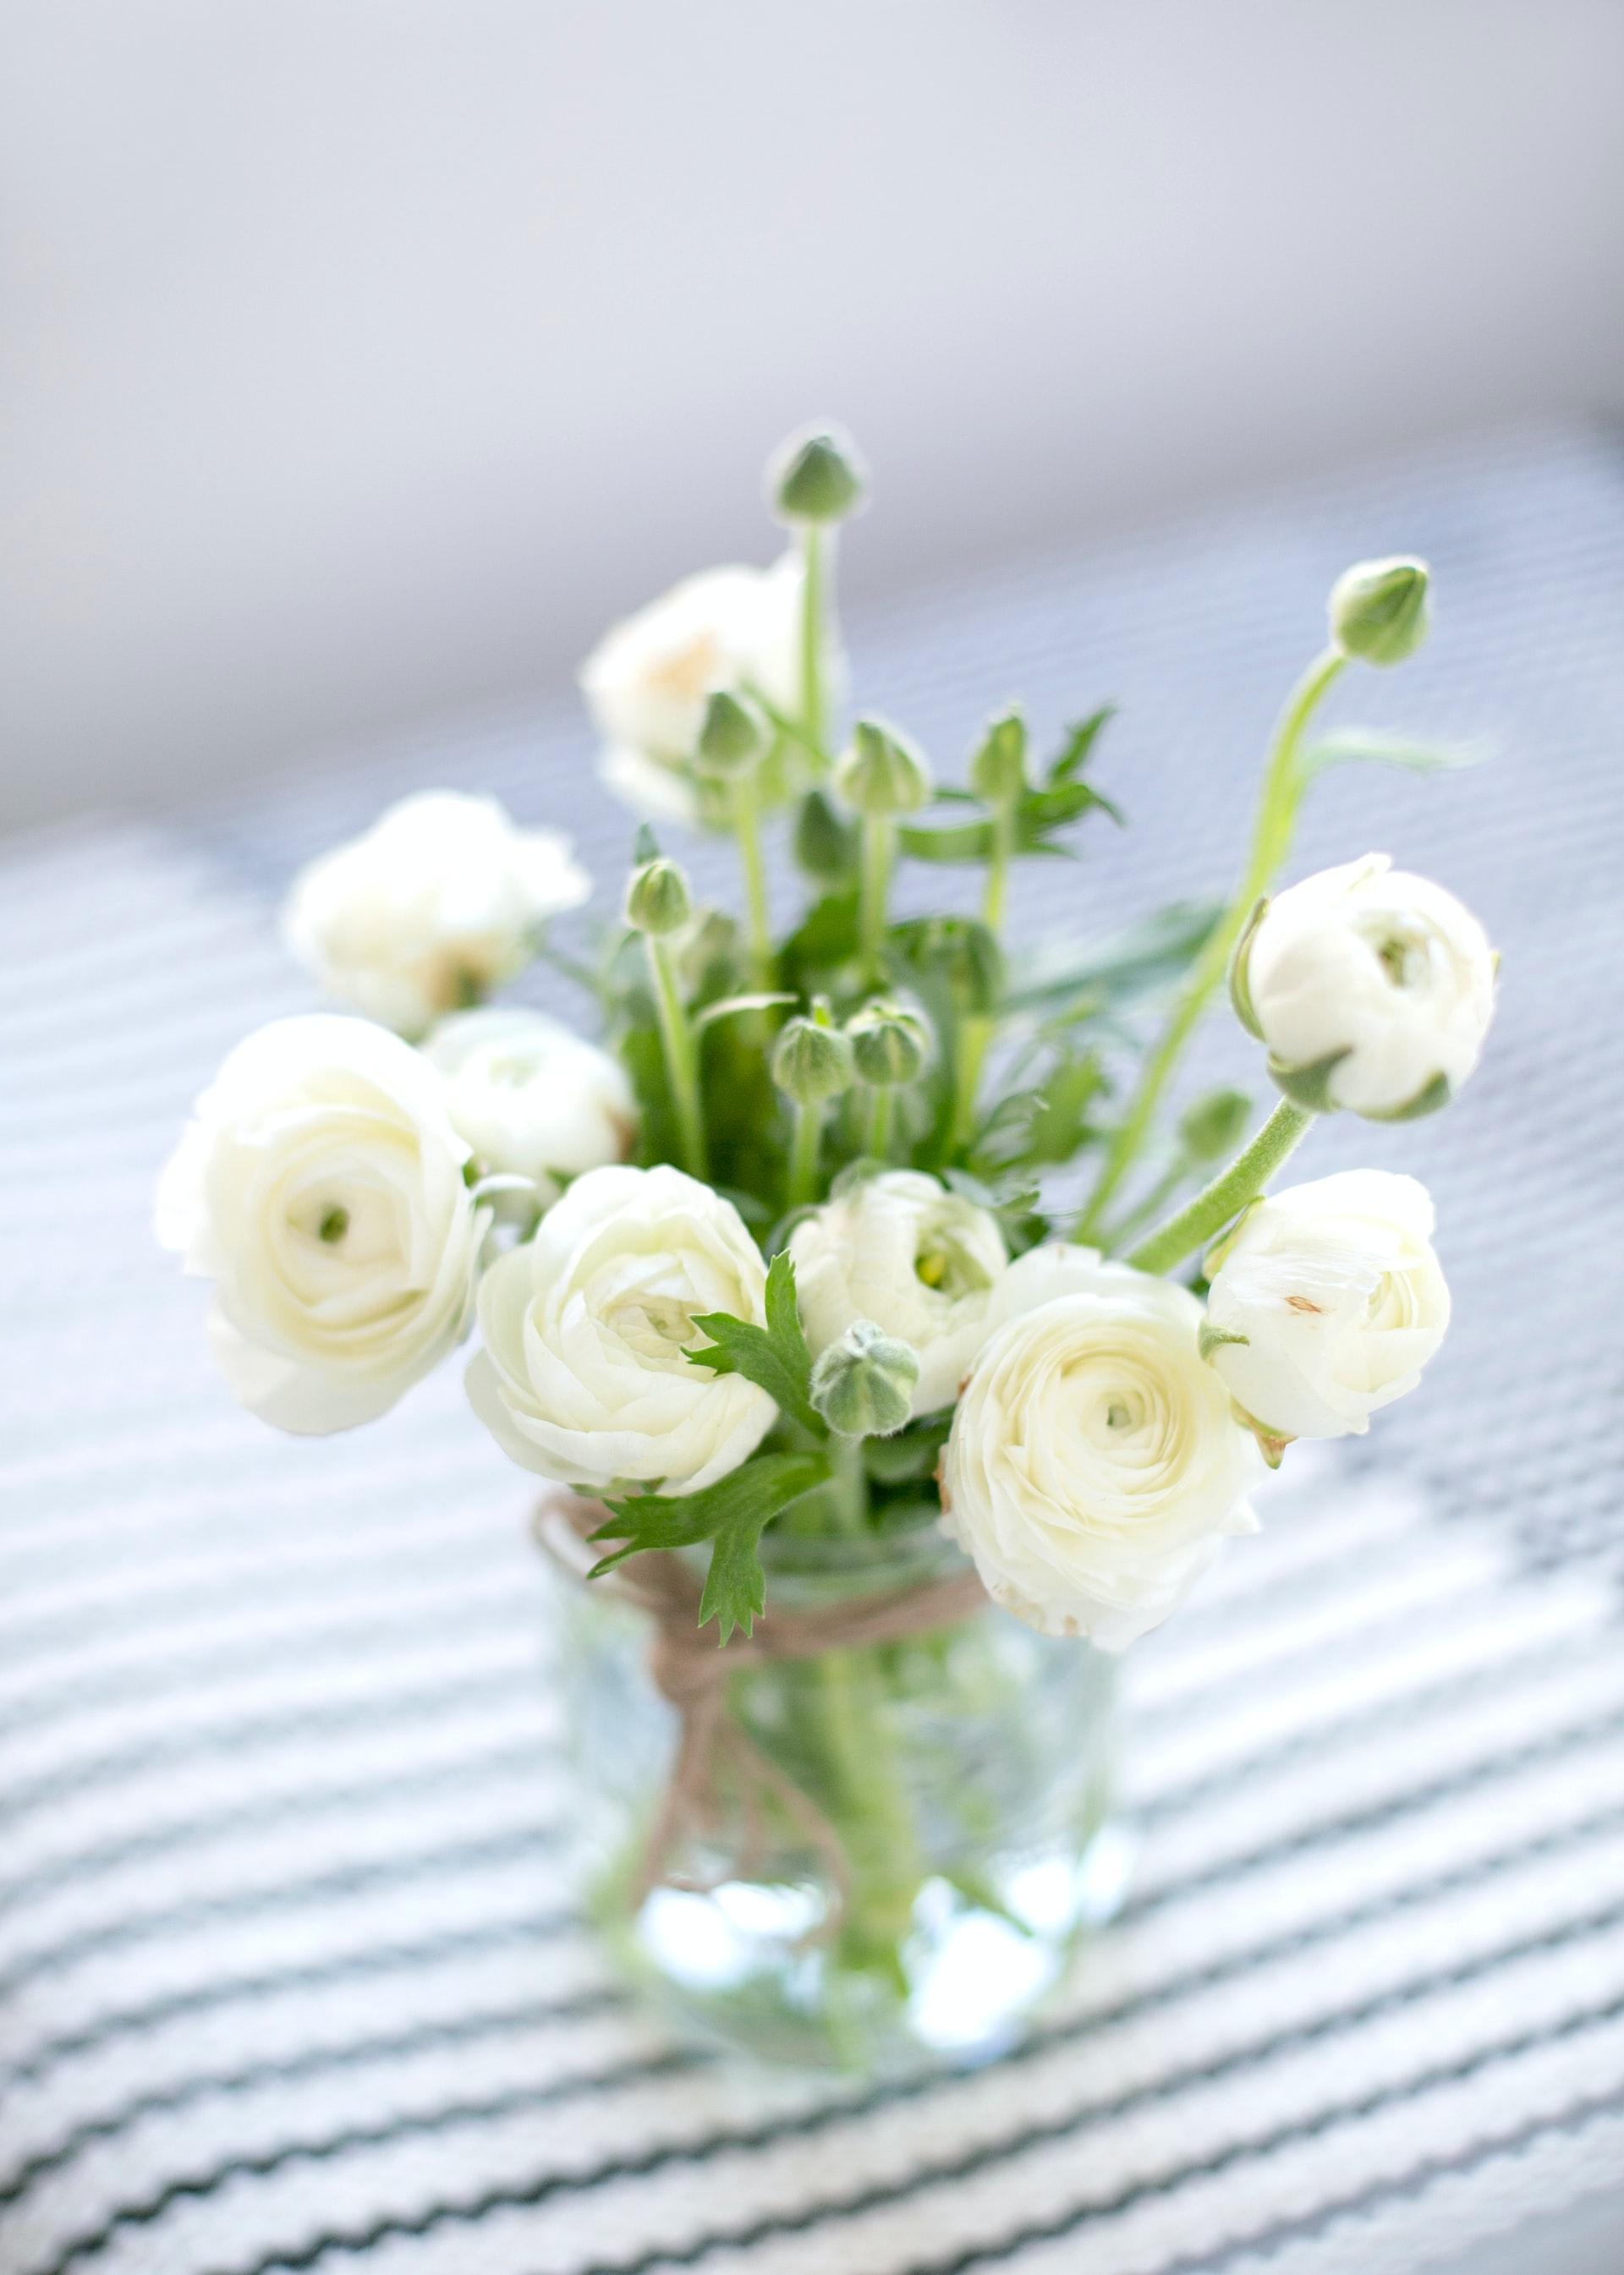 幾重にも重なった、薄紙のような花びらは、軽やかで繊細。さらにふんわりとボリュームも感じられるので、1輪でも十分な美しさがあります。茎自体が水を吸収しやすく、腐りやすいので、花瓶のお水は3cmと少なめにするのが良さそうです。